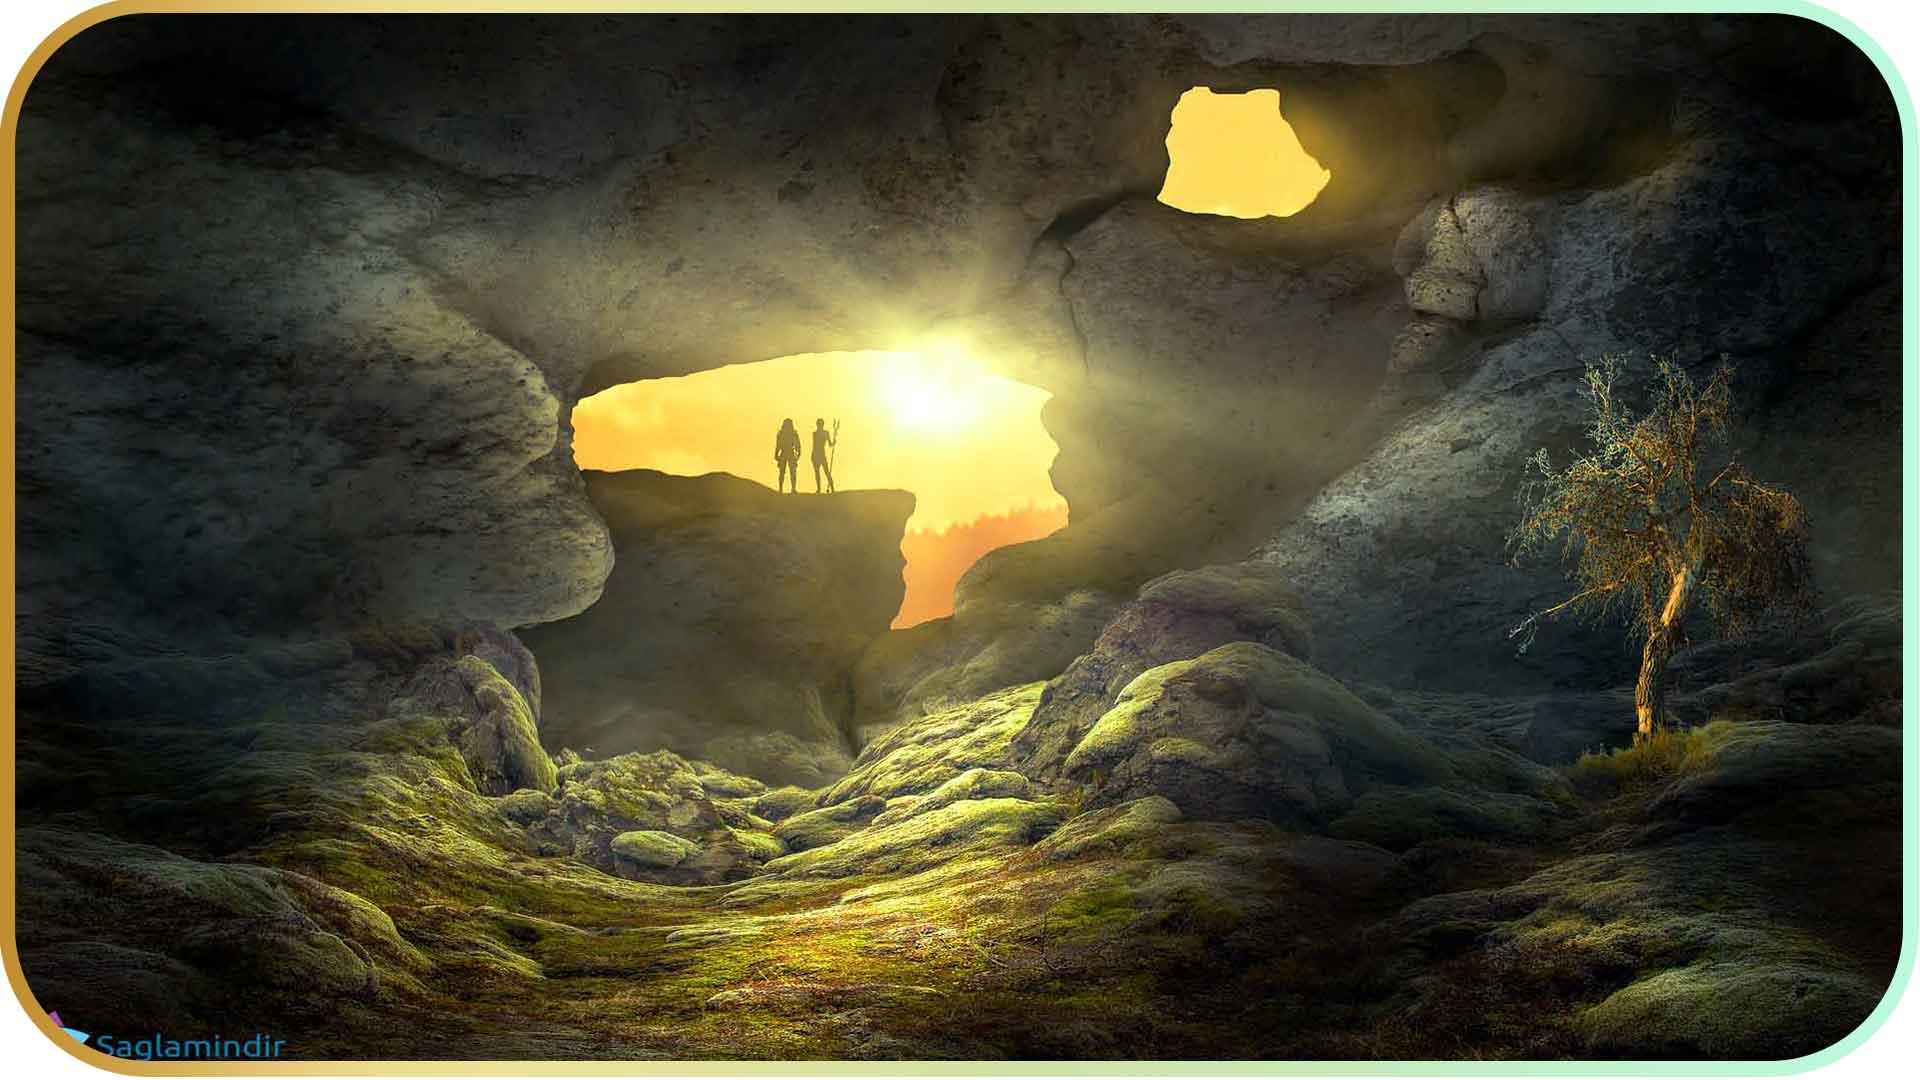 The Cave saglamindir